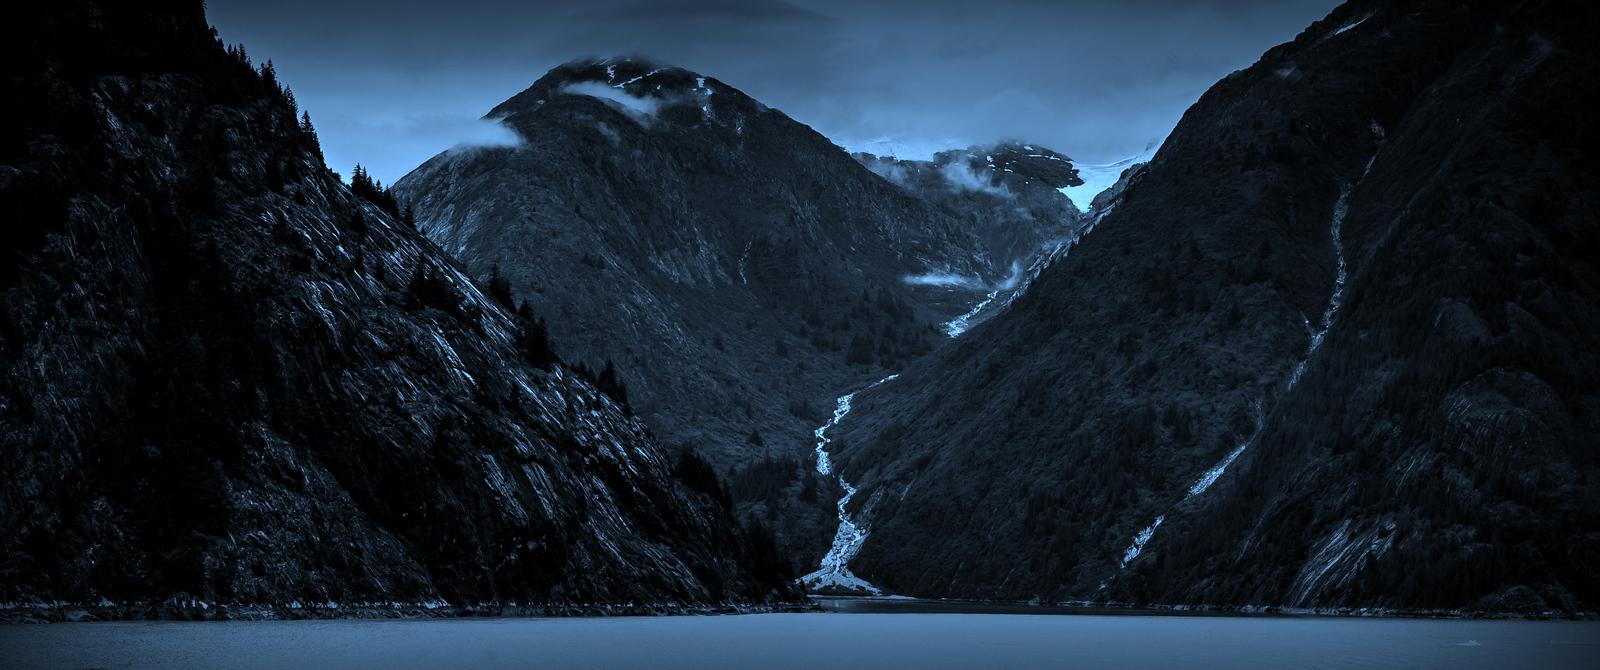 阿拉斯加,山峰冰川的英姿